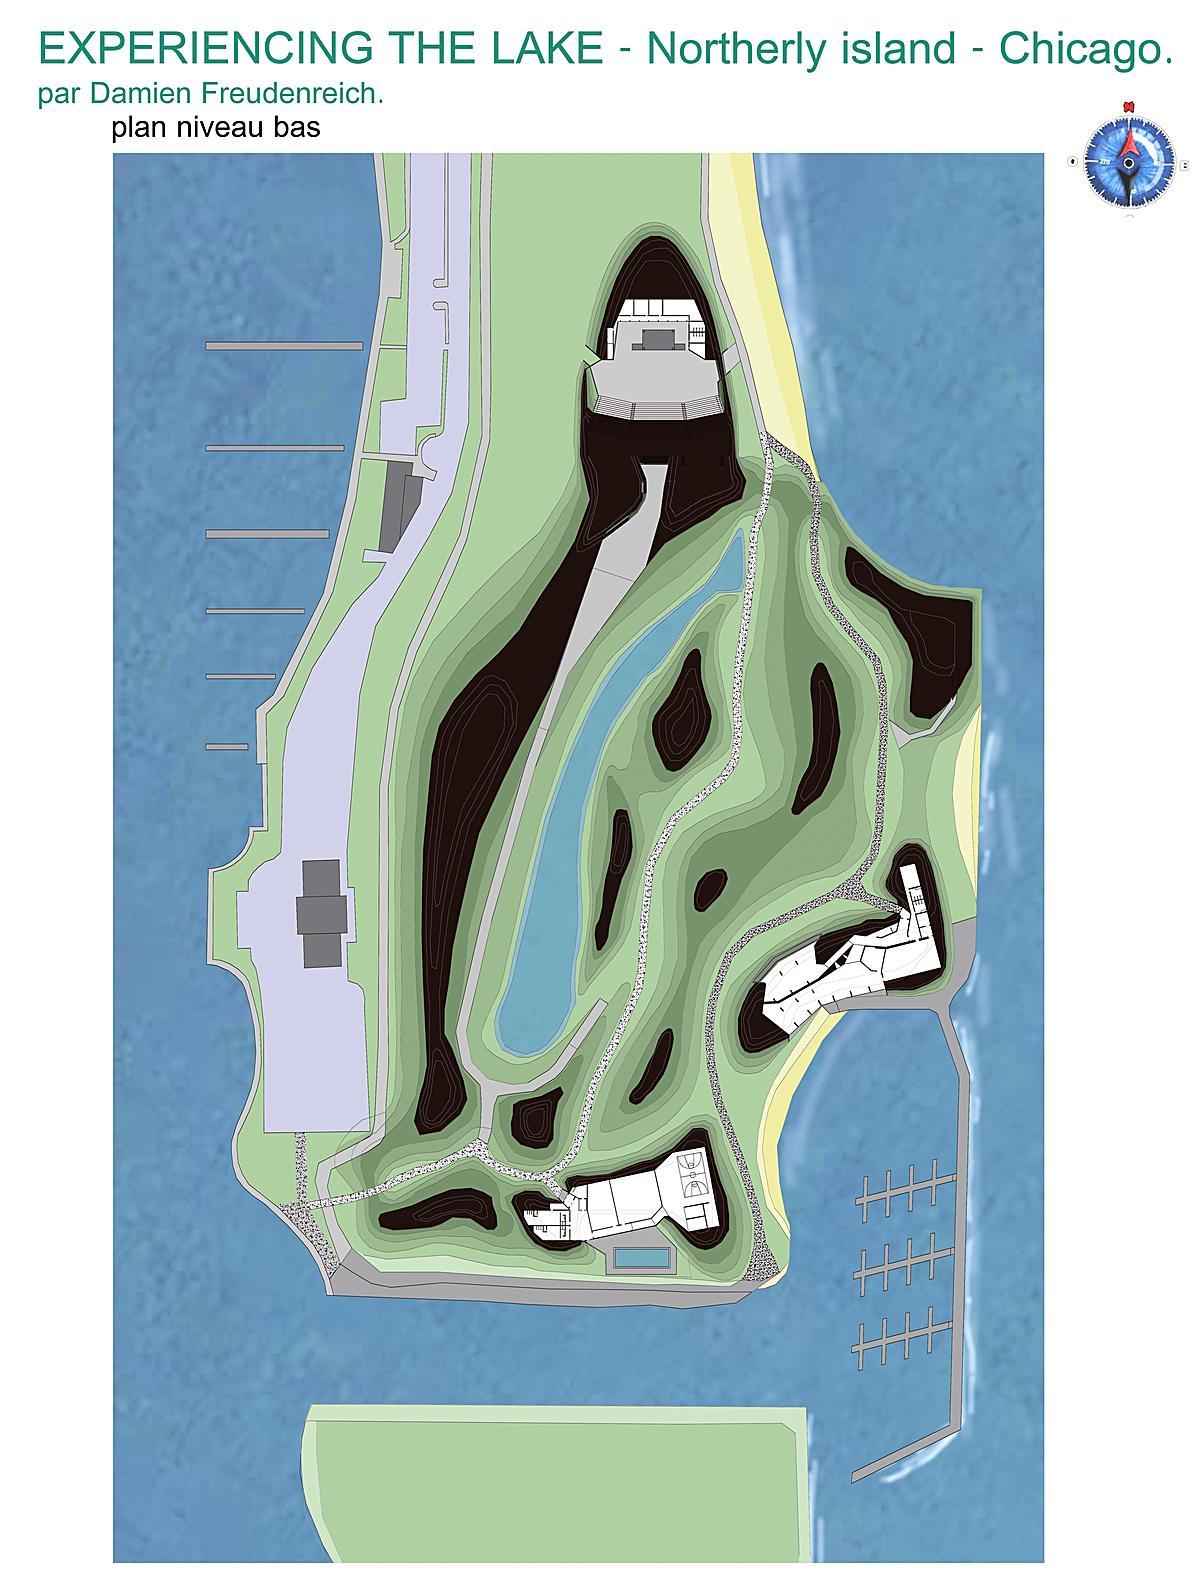 fitness, restaurant, harbor, outdoor concert hall, beach, etc...